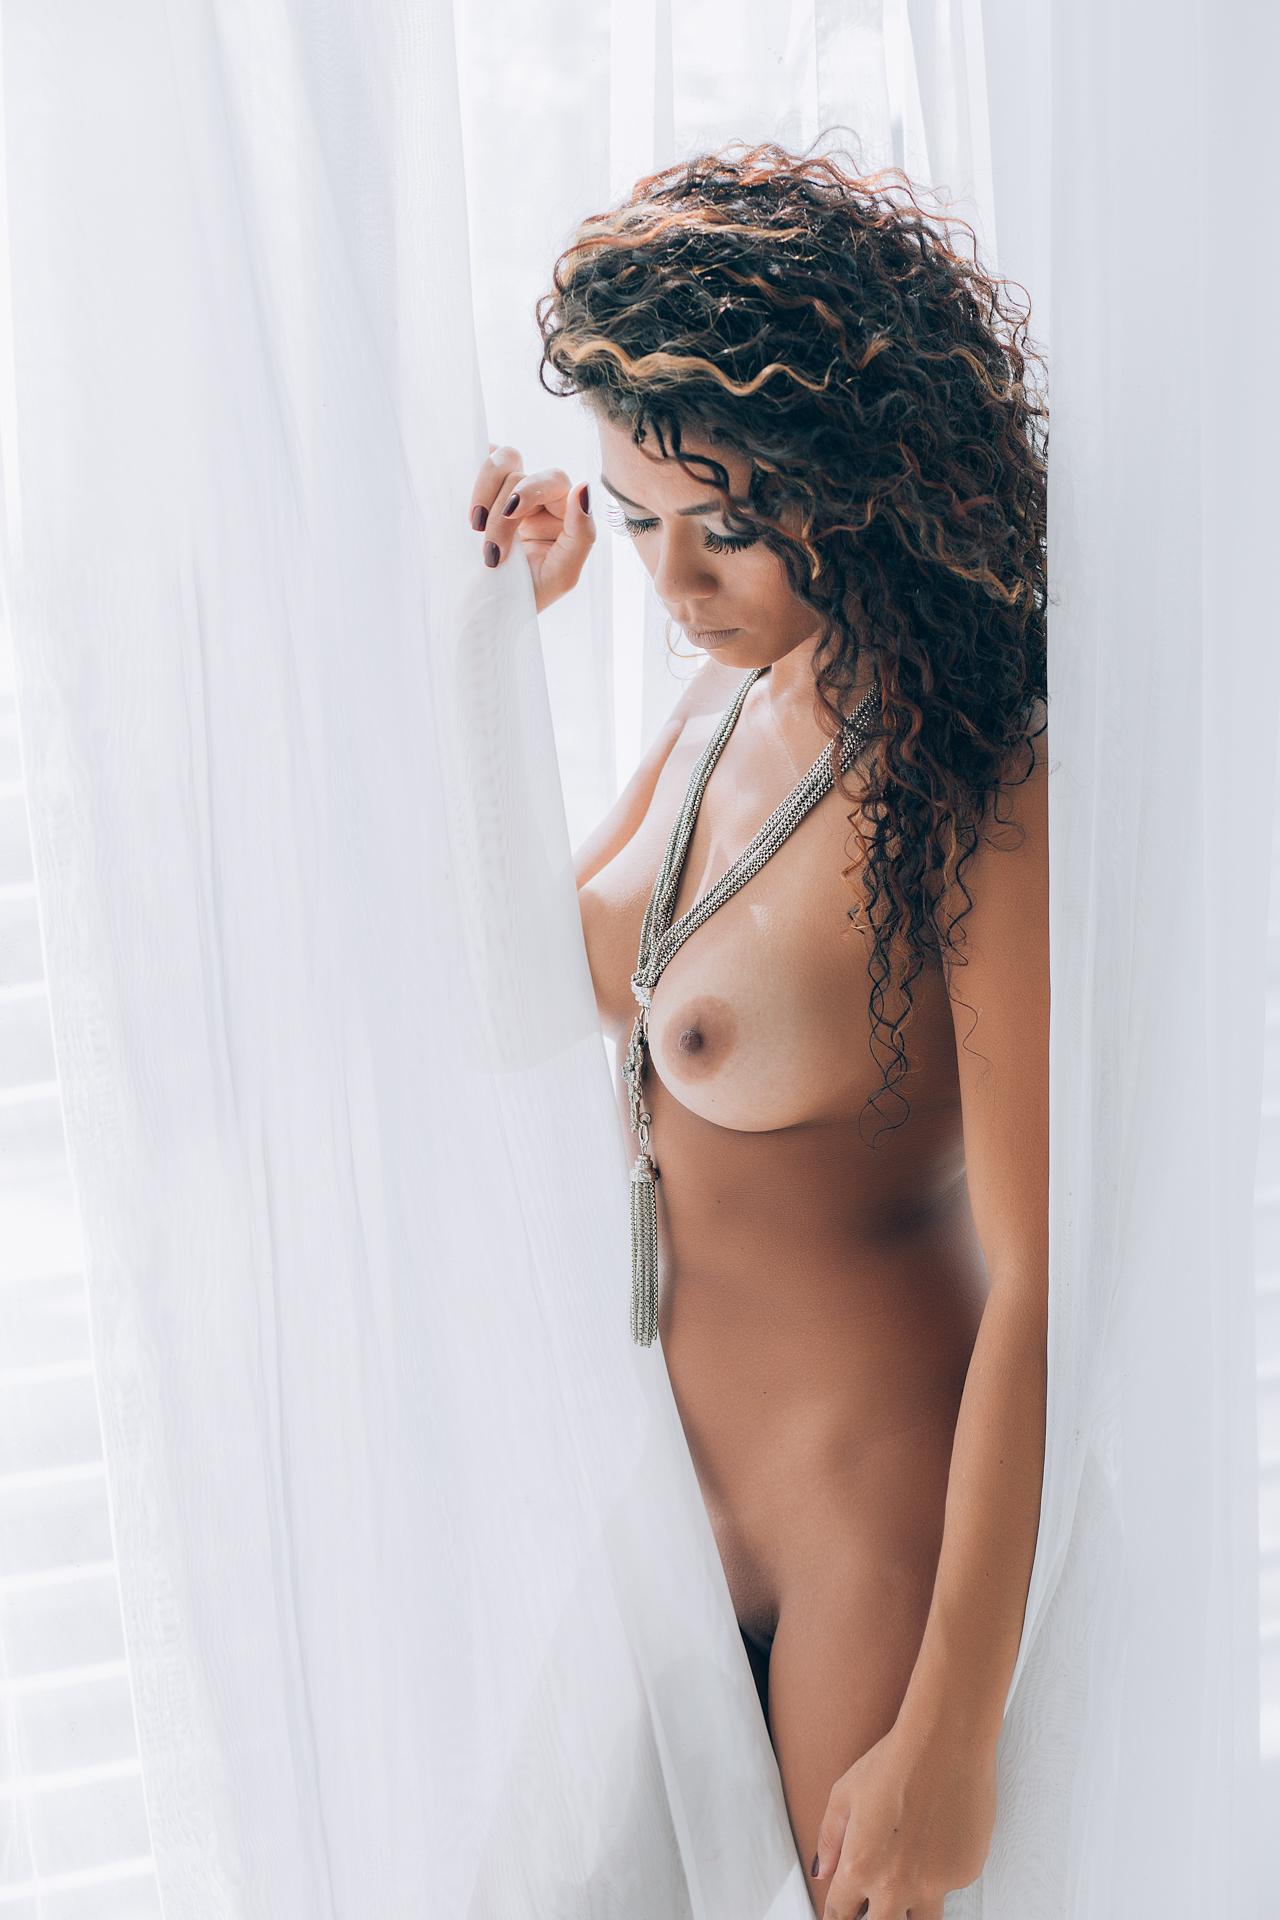 【海外エロ画像】美しさもスケベさも抜群!ブラジル美女の情熱的ボディ(;´Д`)